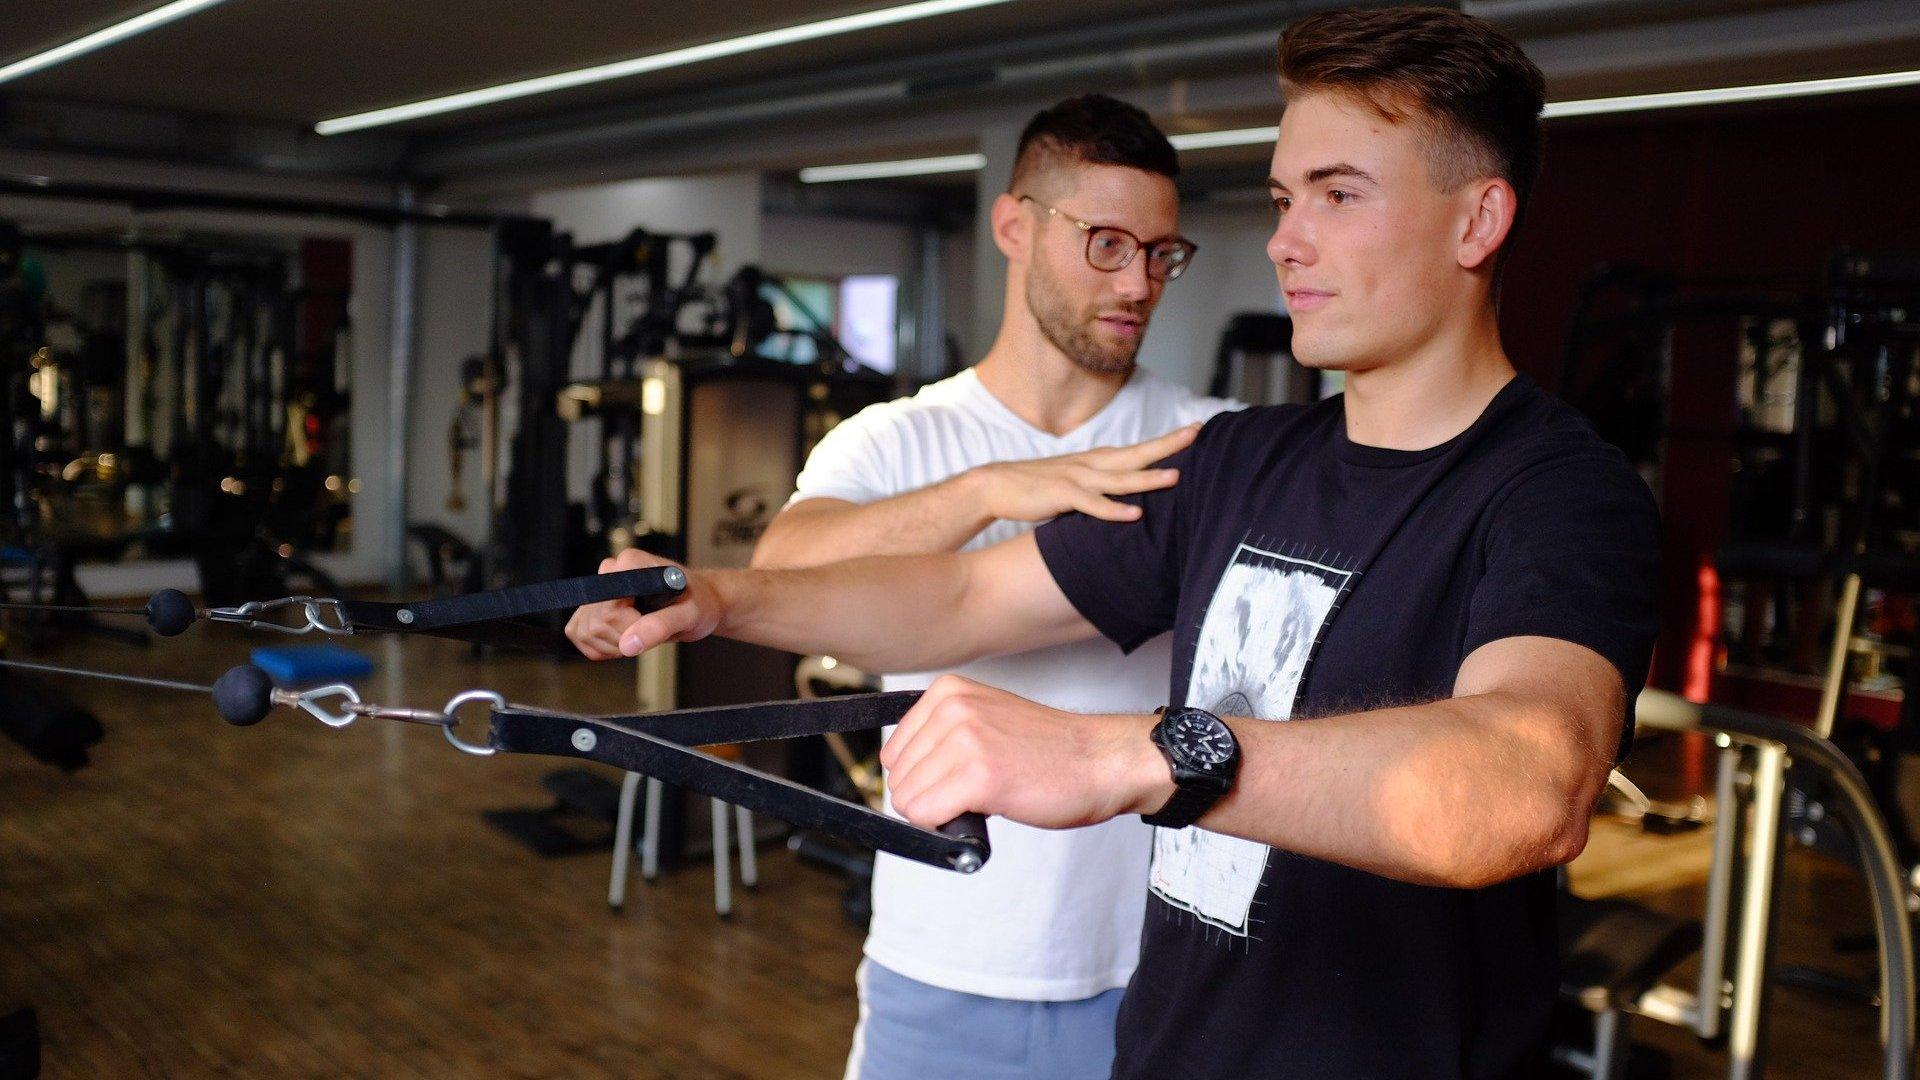 Fisioterapeuta e paciente numa academia